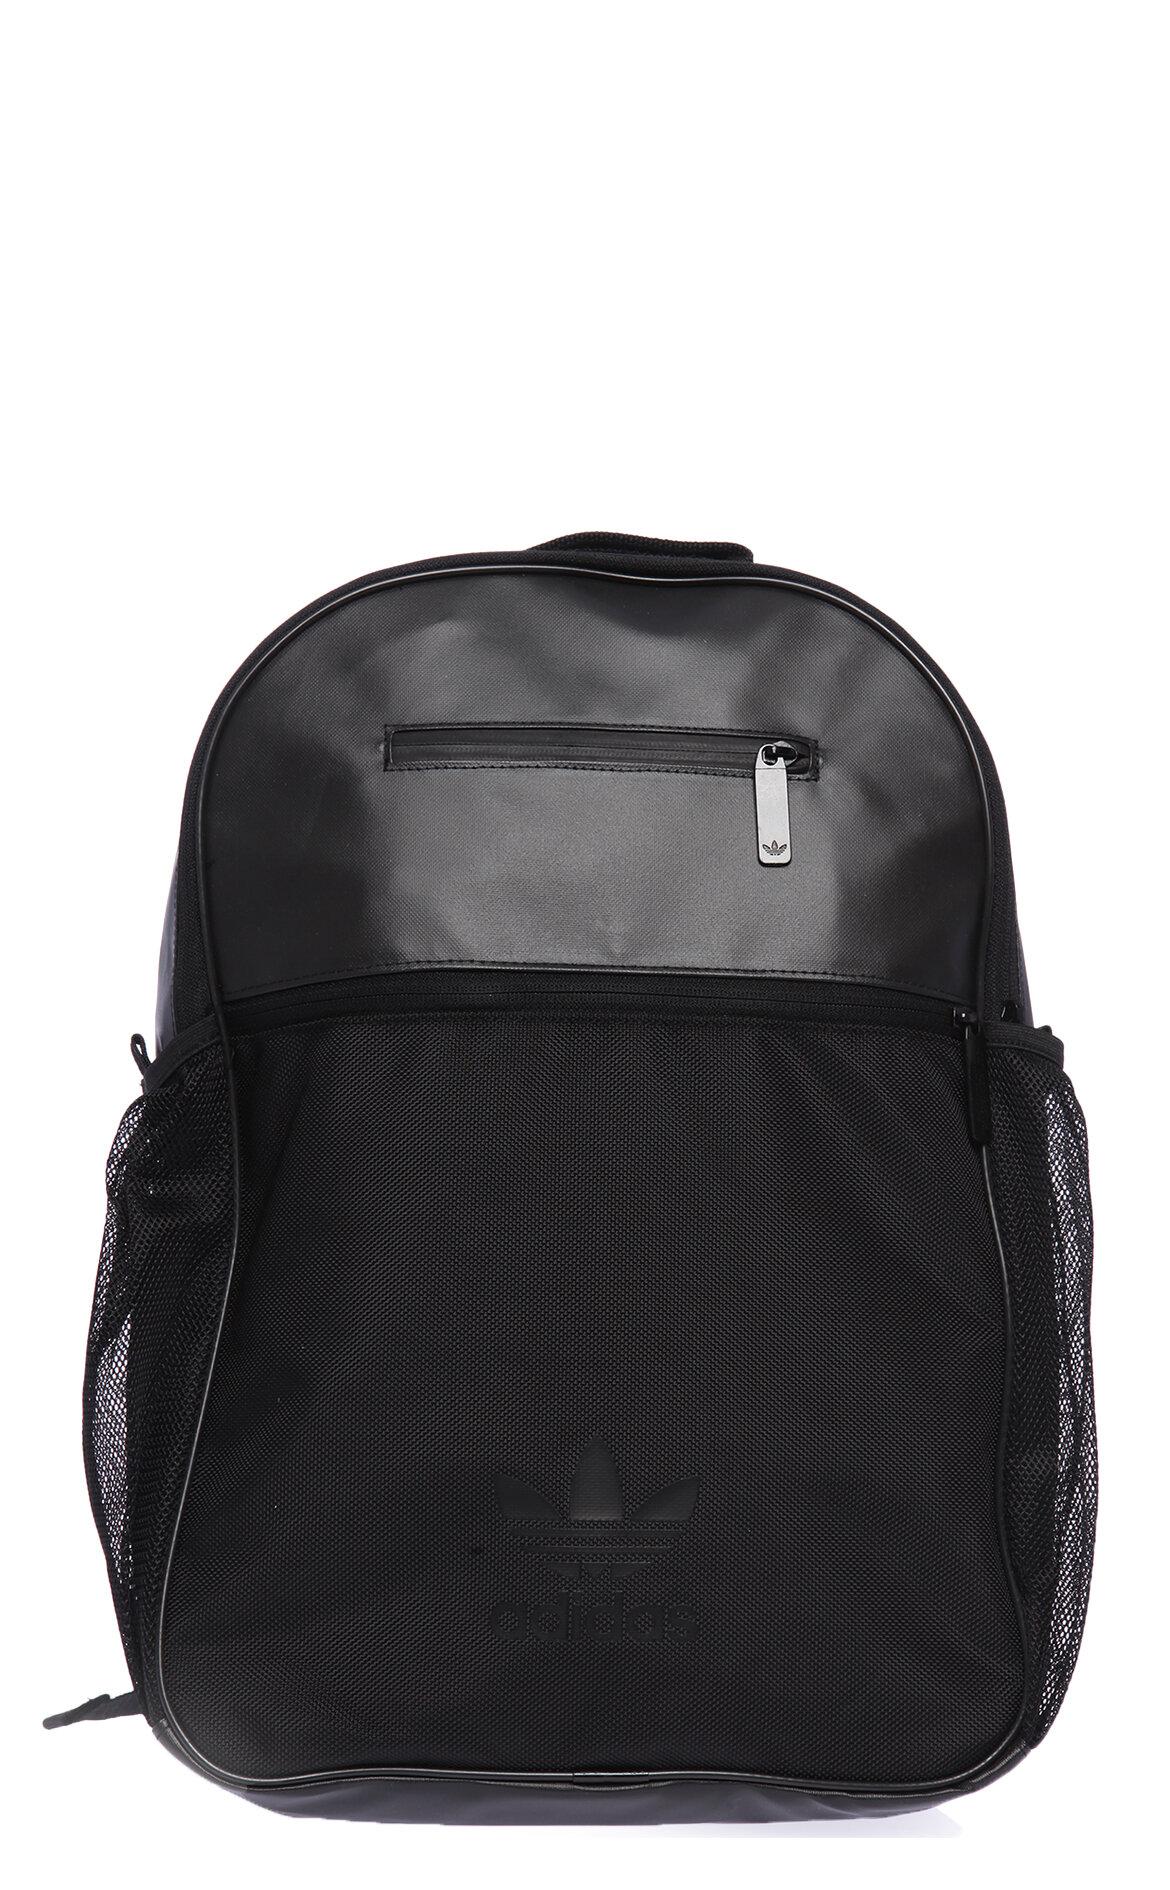 e911aeae13c20 adidas originals Unisex Siyah Sırt Çantası ADIBK6768-BLACK - Brandroom